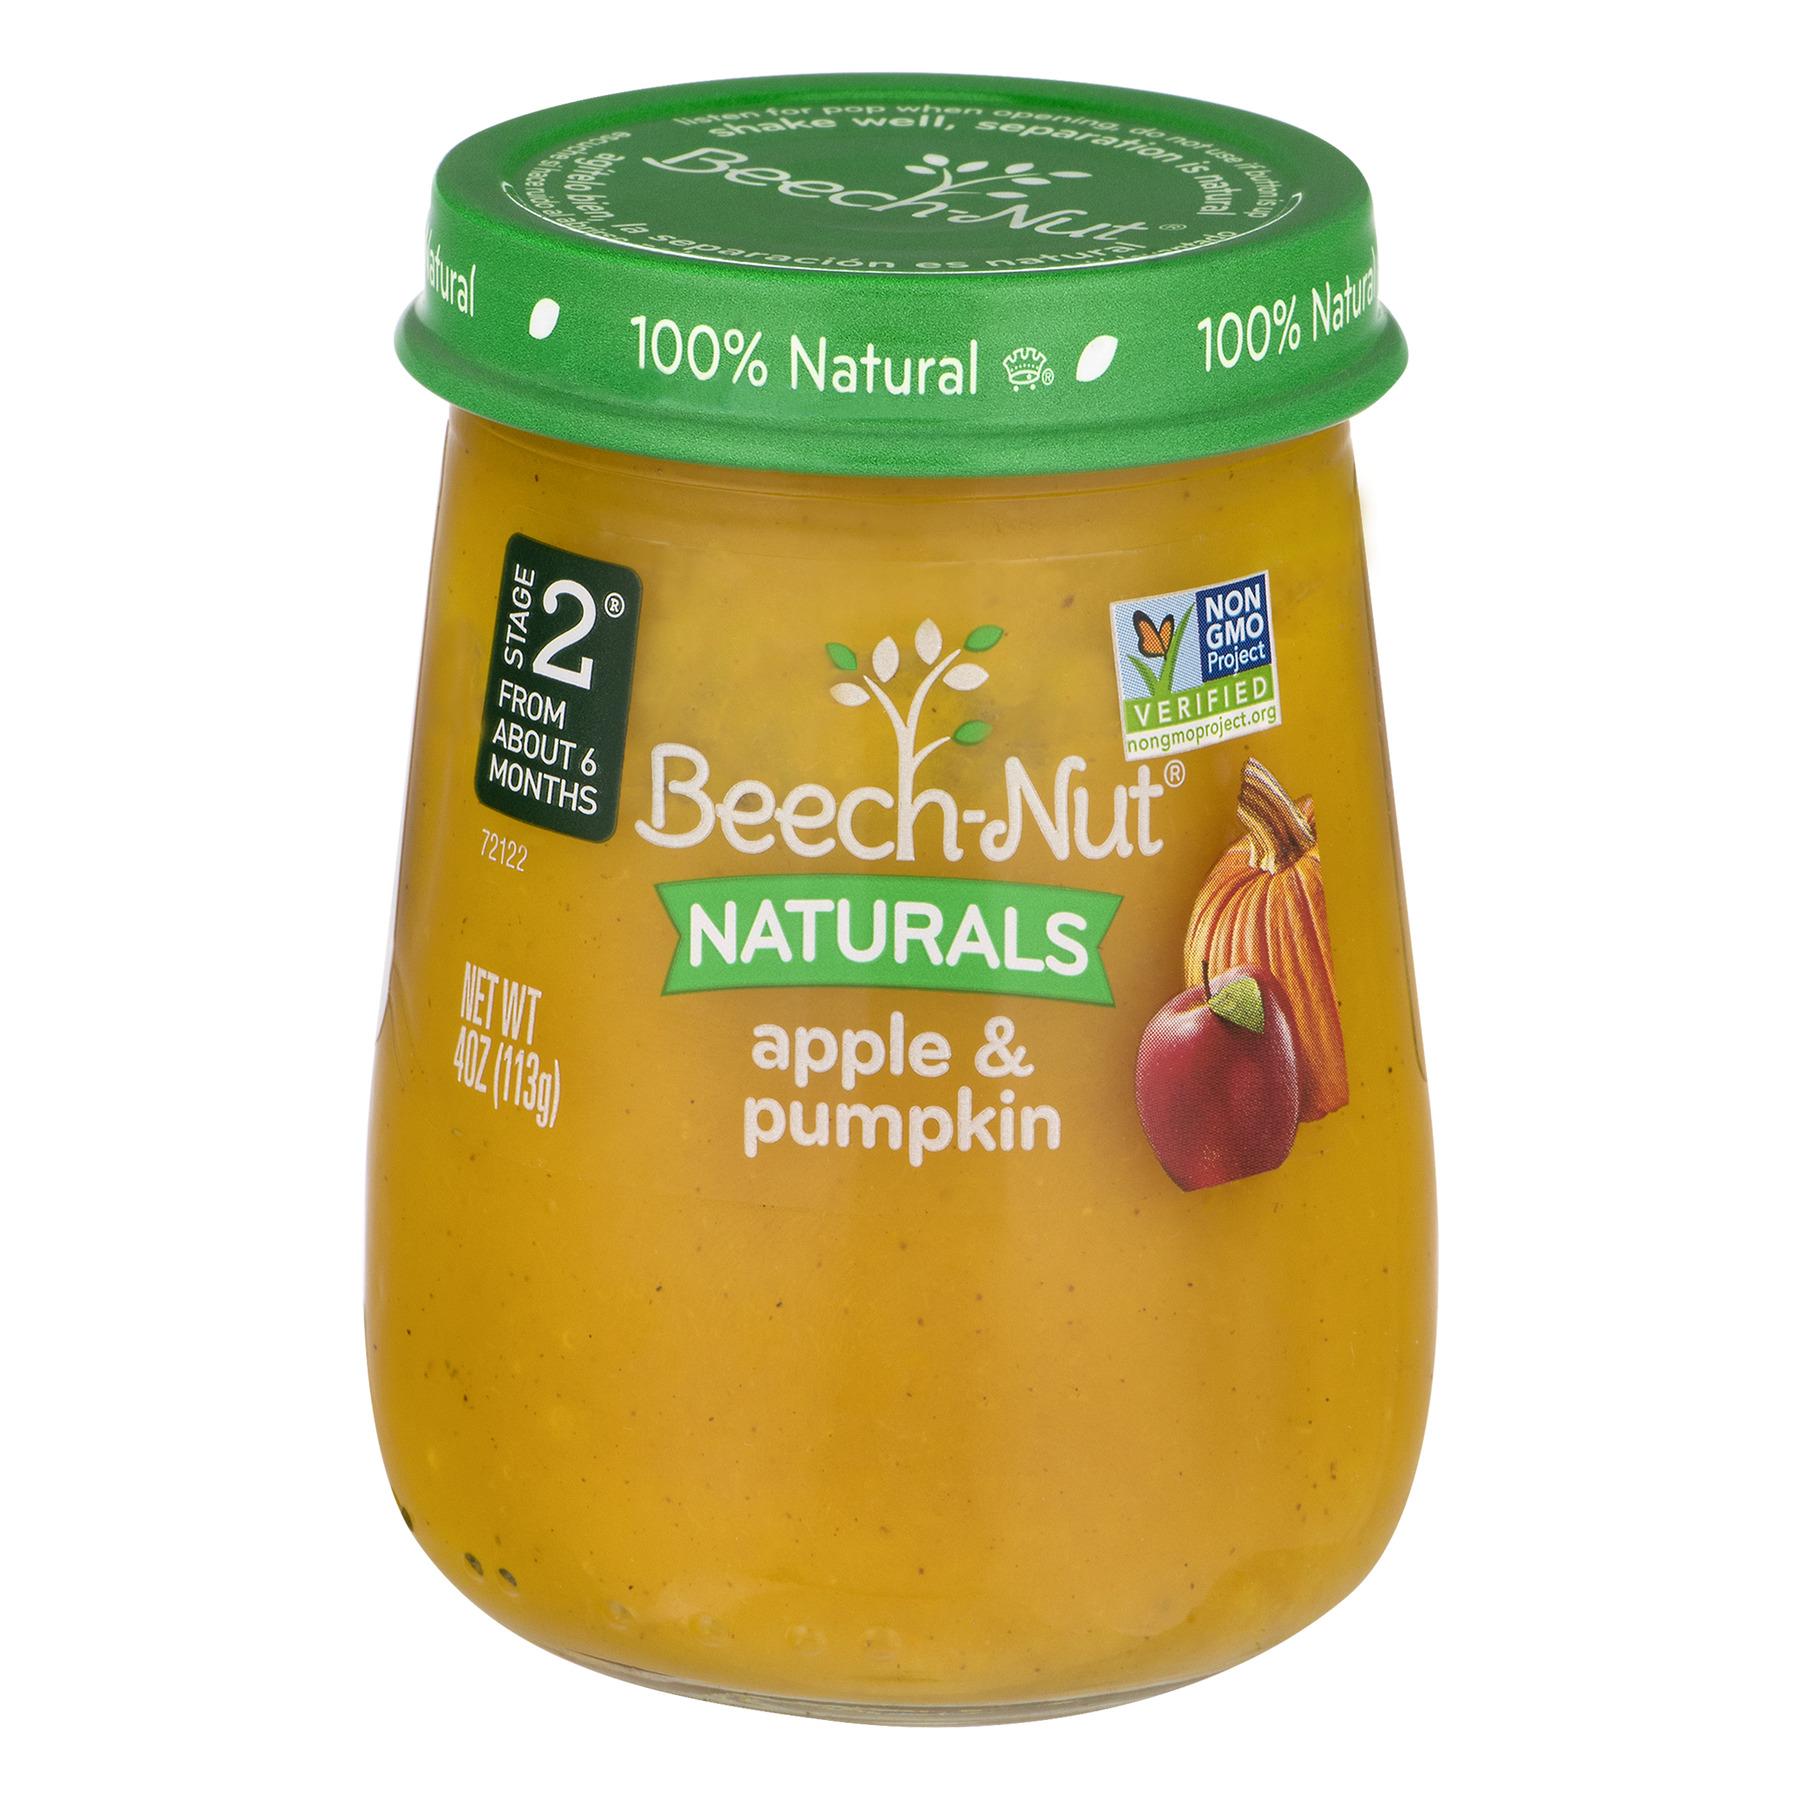 Beech-Nut Naturals 10 Pack Stage 2 Apple & Pumpkin, 4.0 OZ